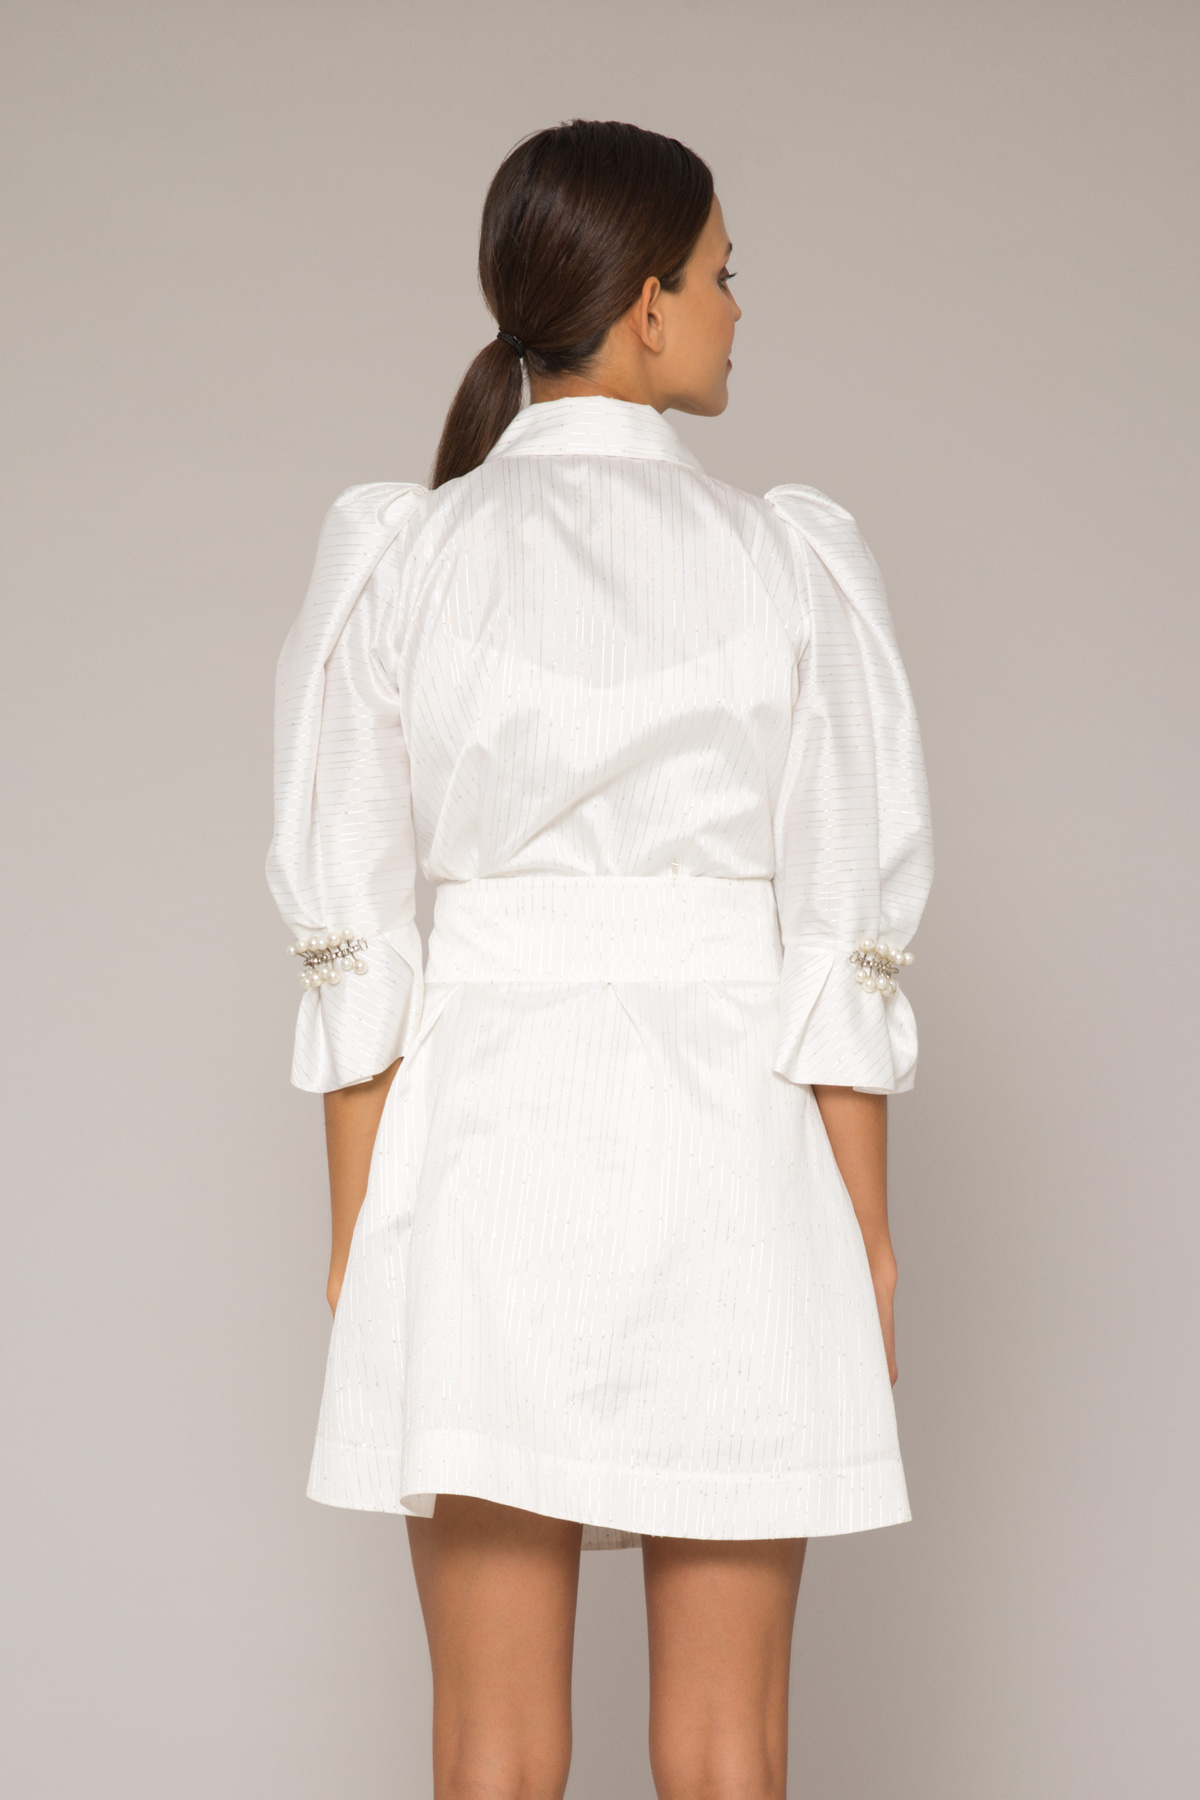 Taş İşleme Detaylı Gömlek Elbise